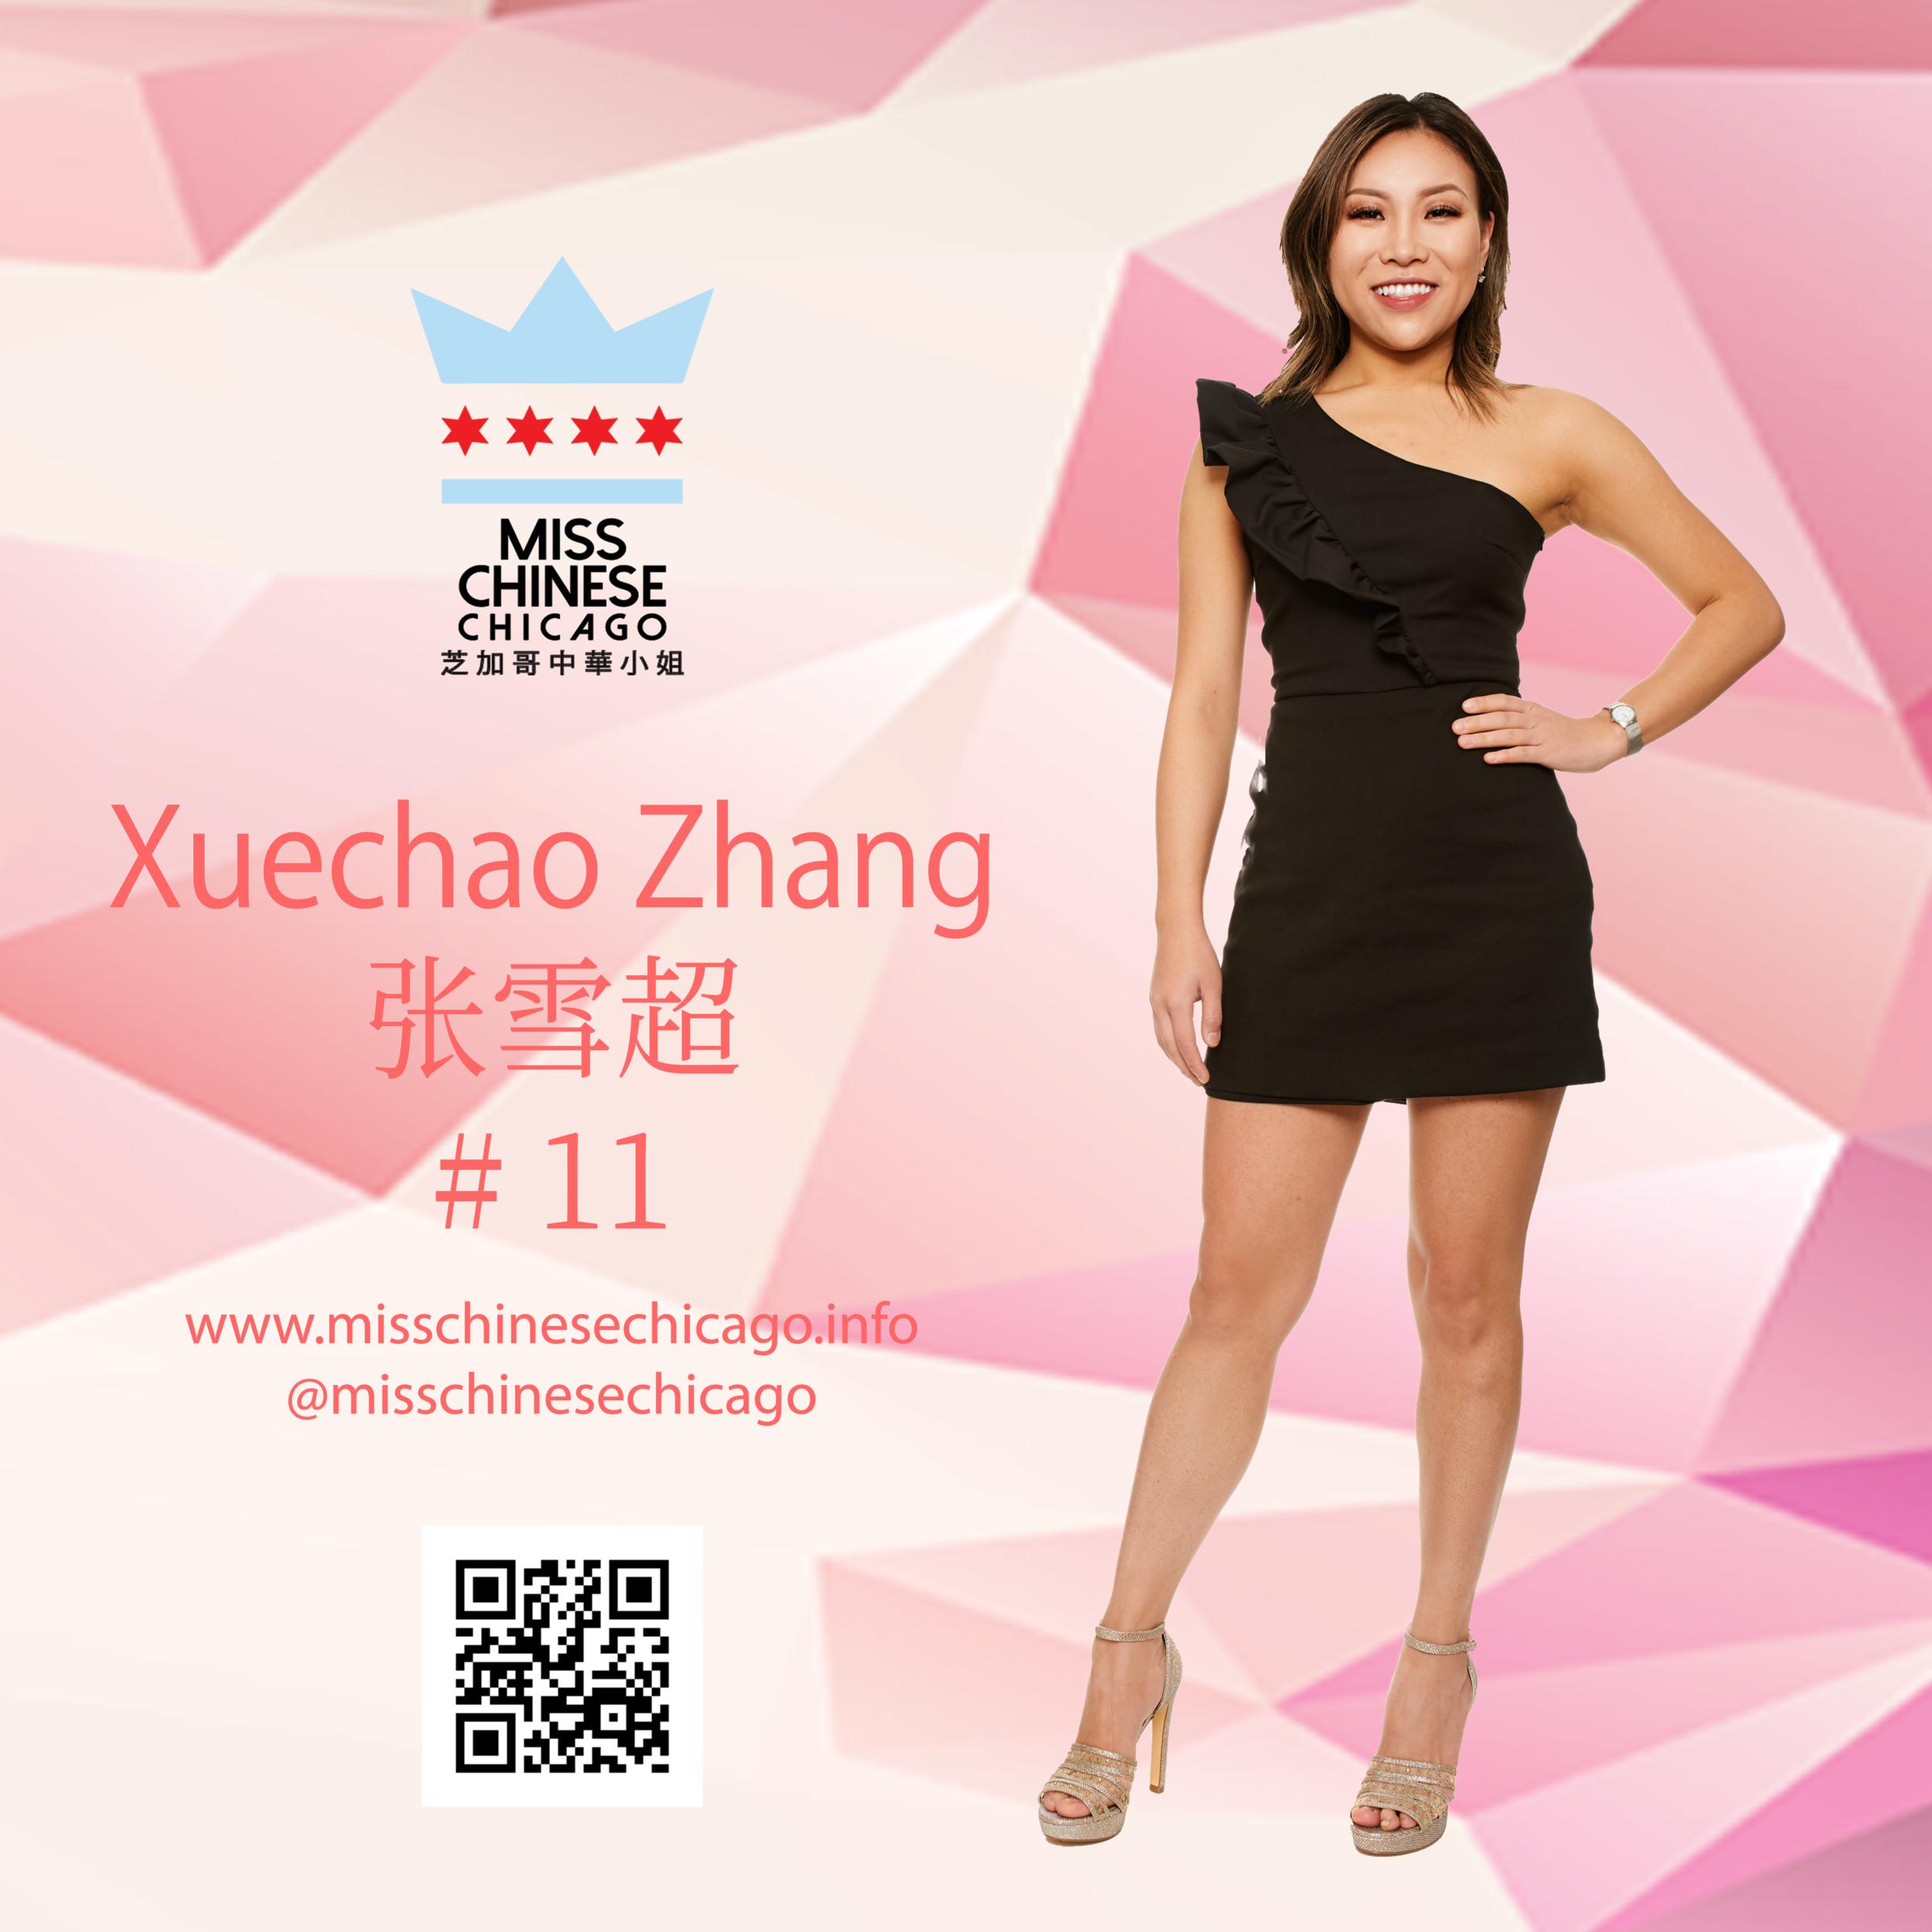 Xuechao_Zhang_Personality_IG.png